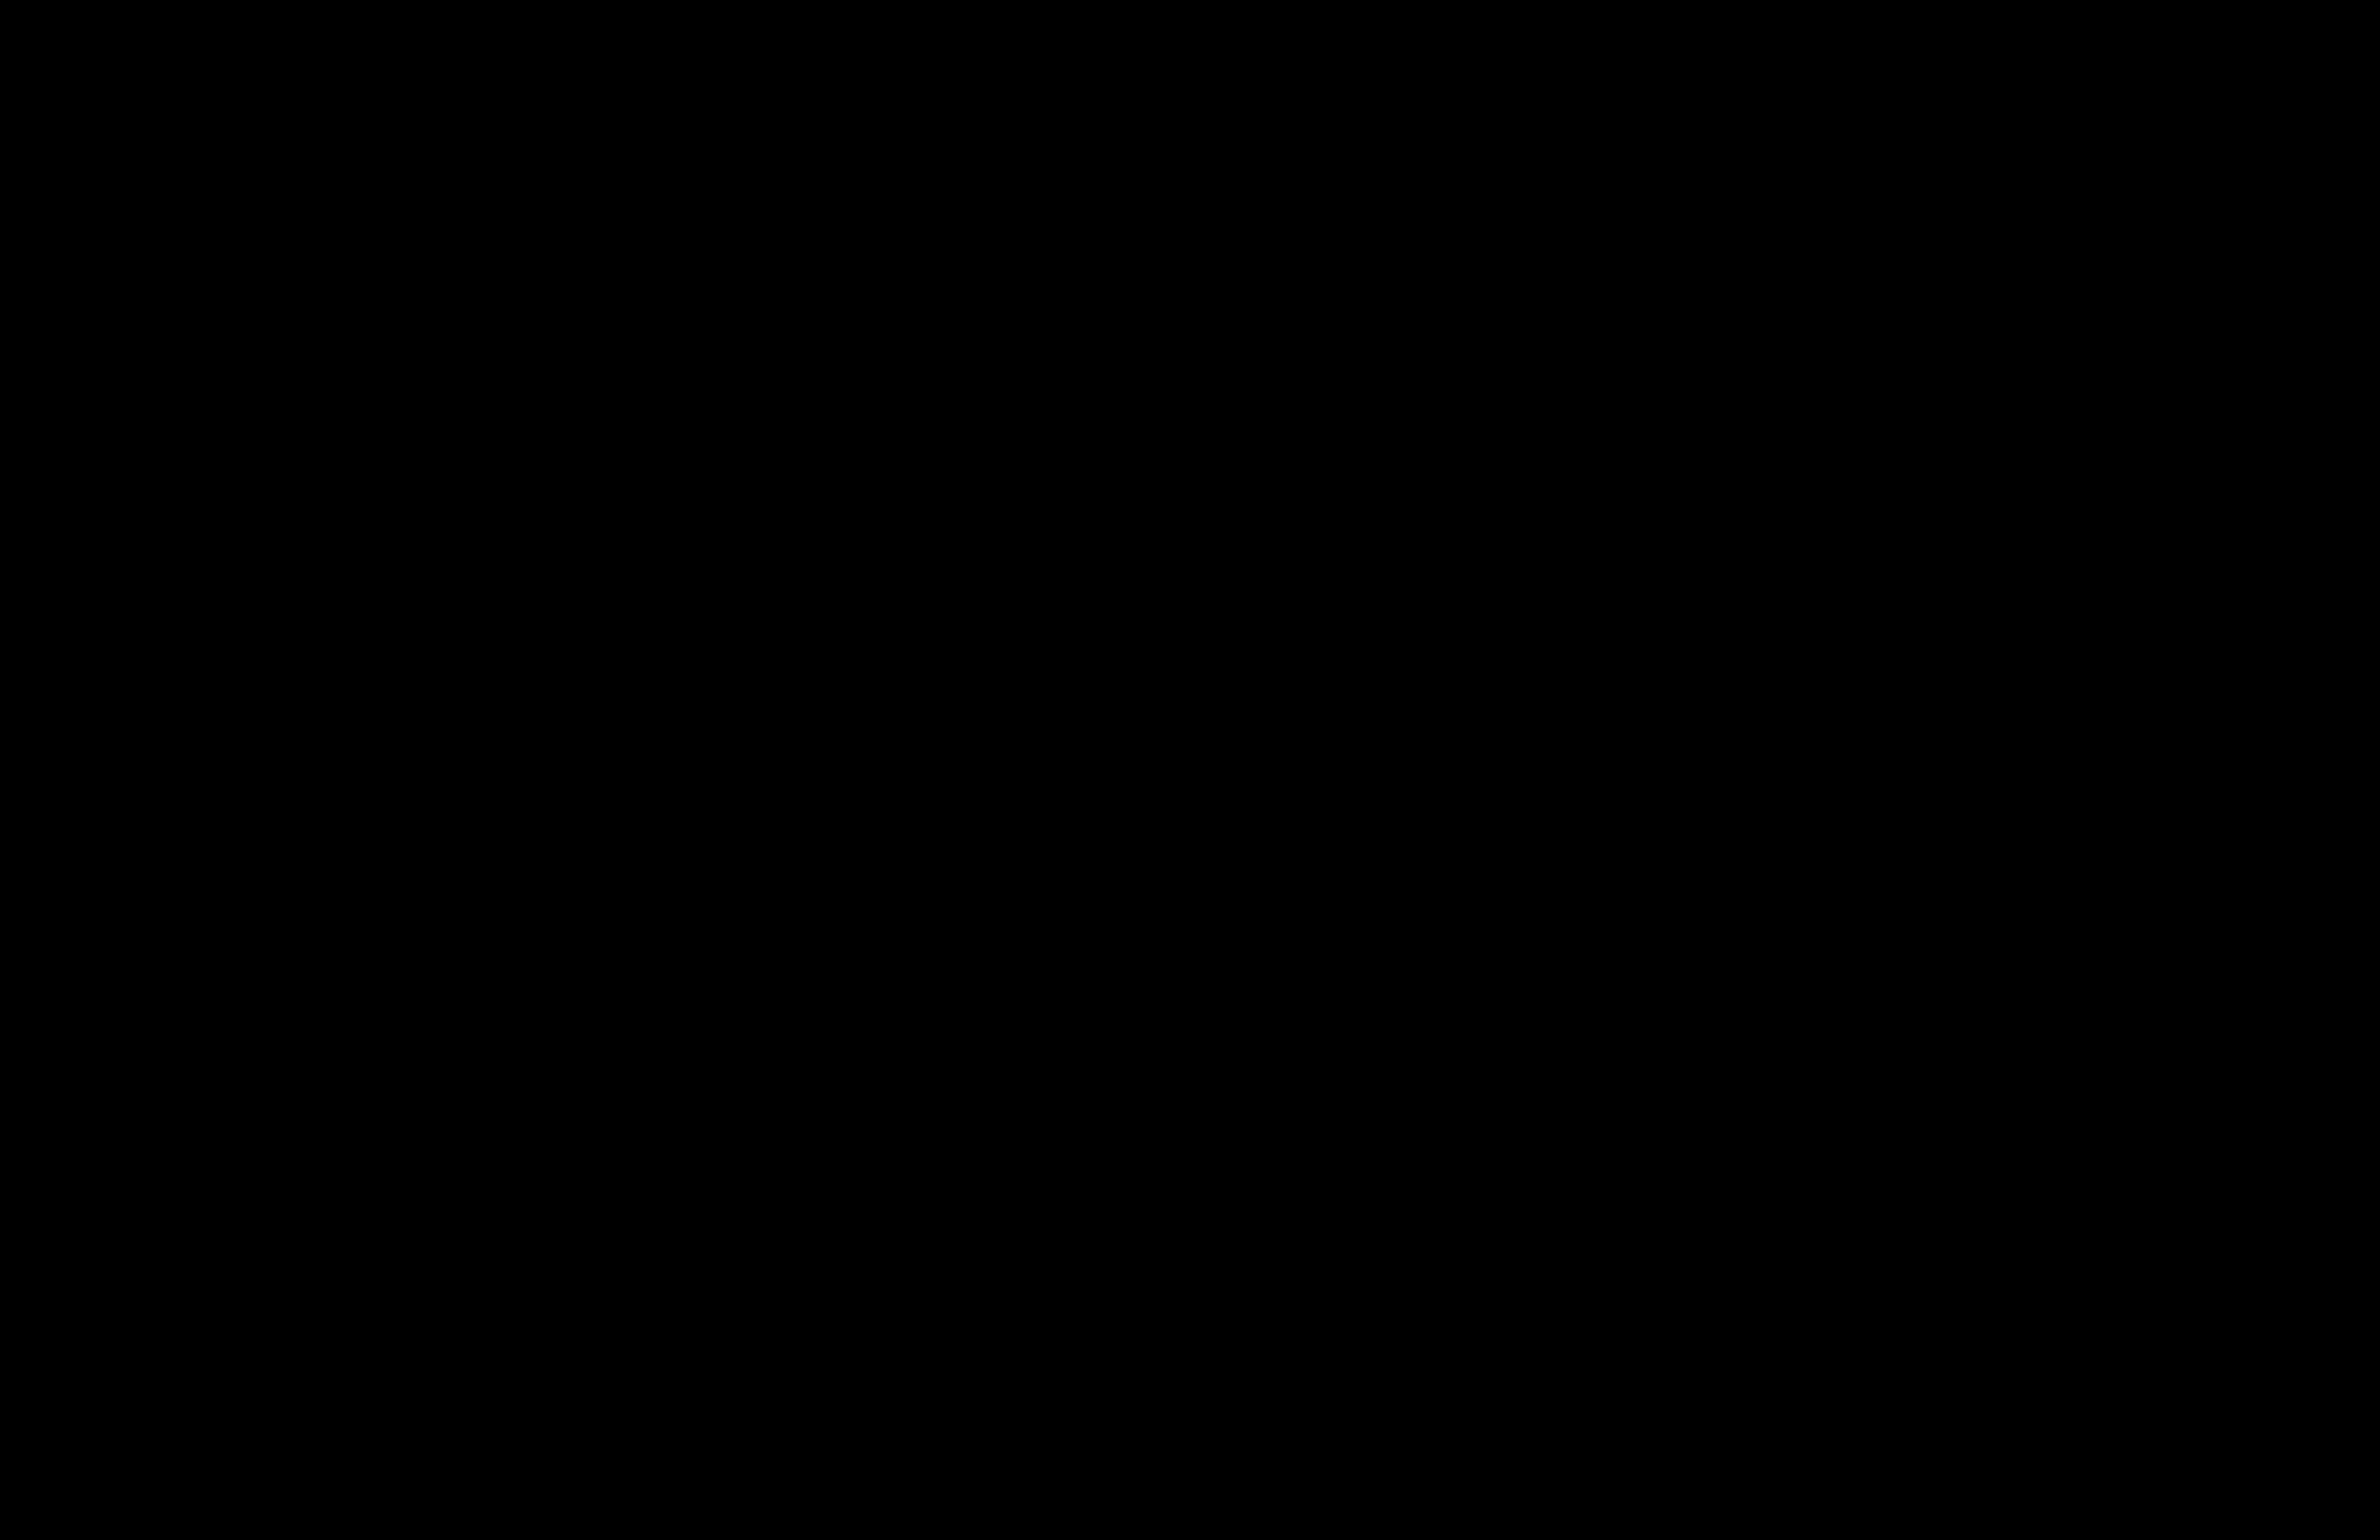 Classic Star Trek Key